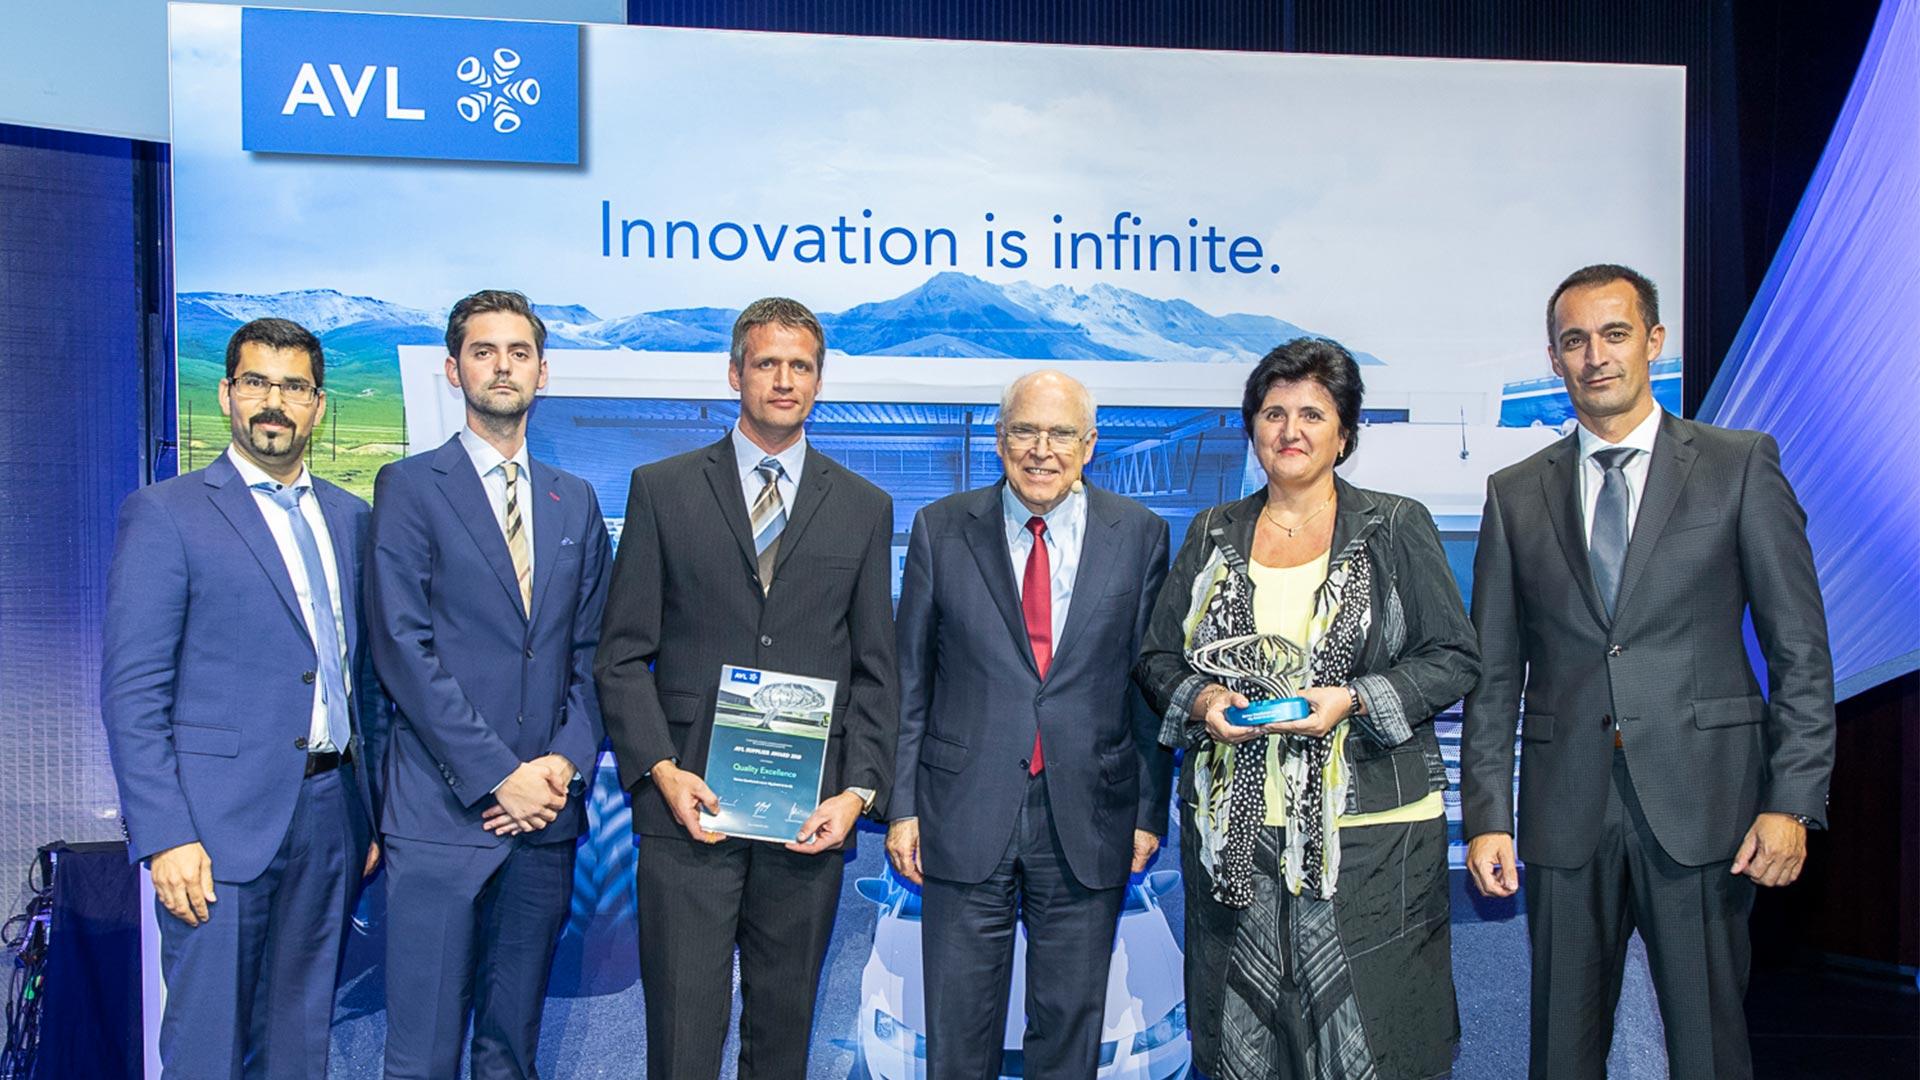 Merkan Maschinenbau Mechanische Werkstätte – AVL Supplier Award